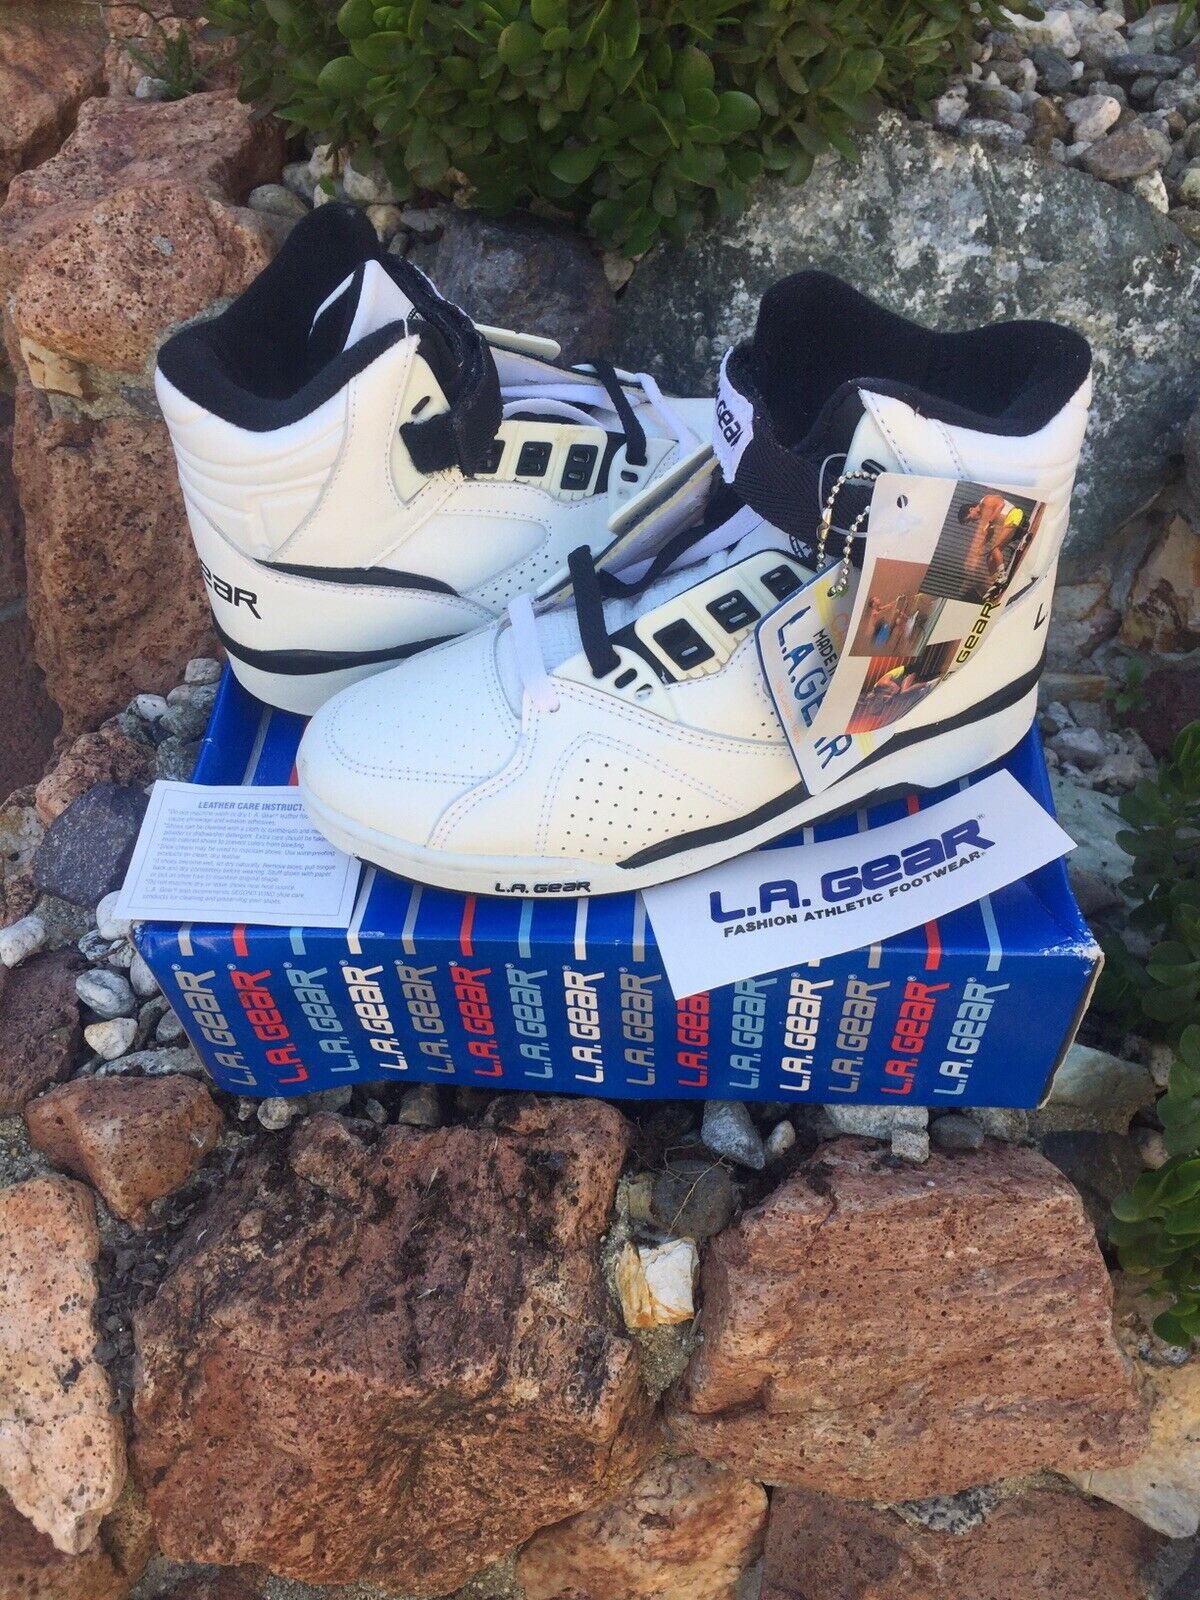 Zapatos de baloncesto Vintage Star jugador POR LA GEAR Sz.5 DS hacer oferta nuevo viejo Stock